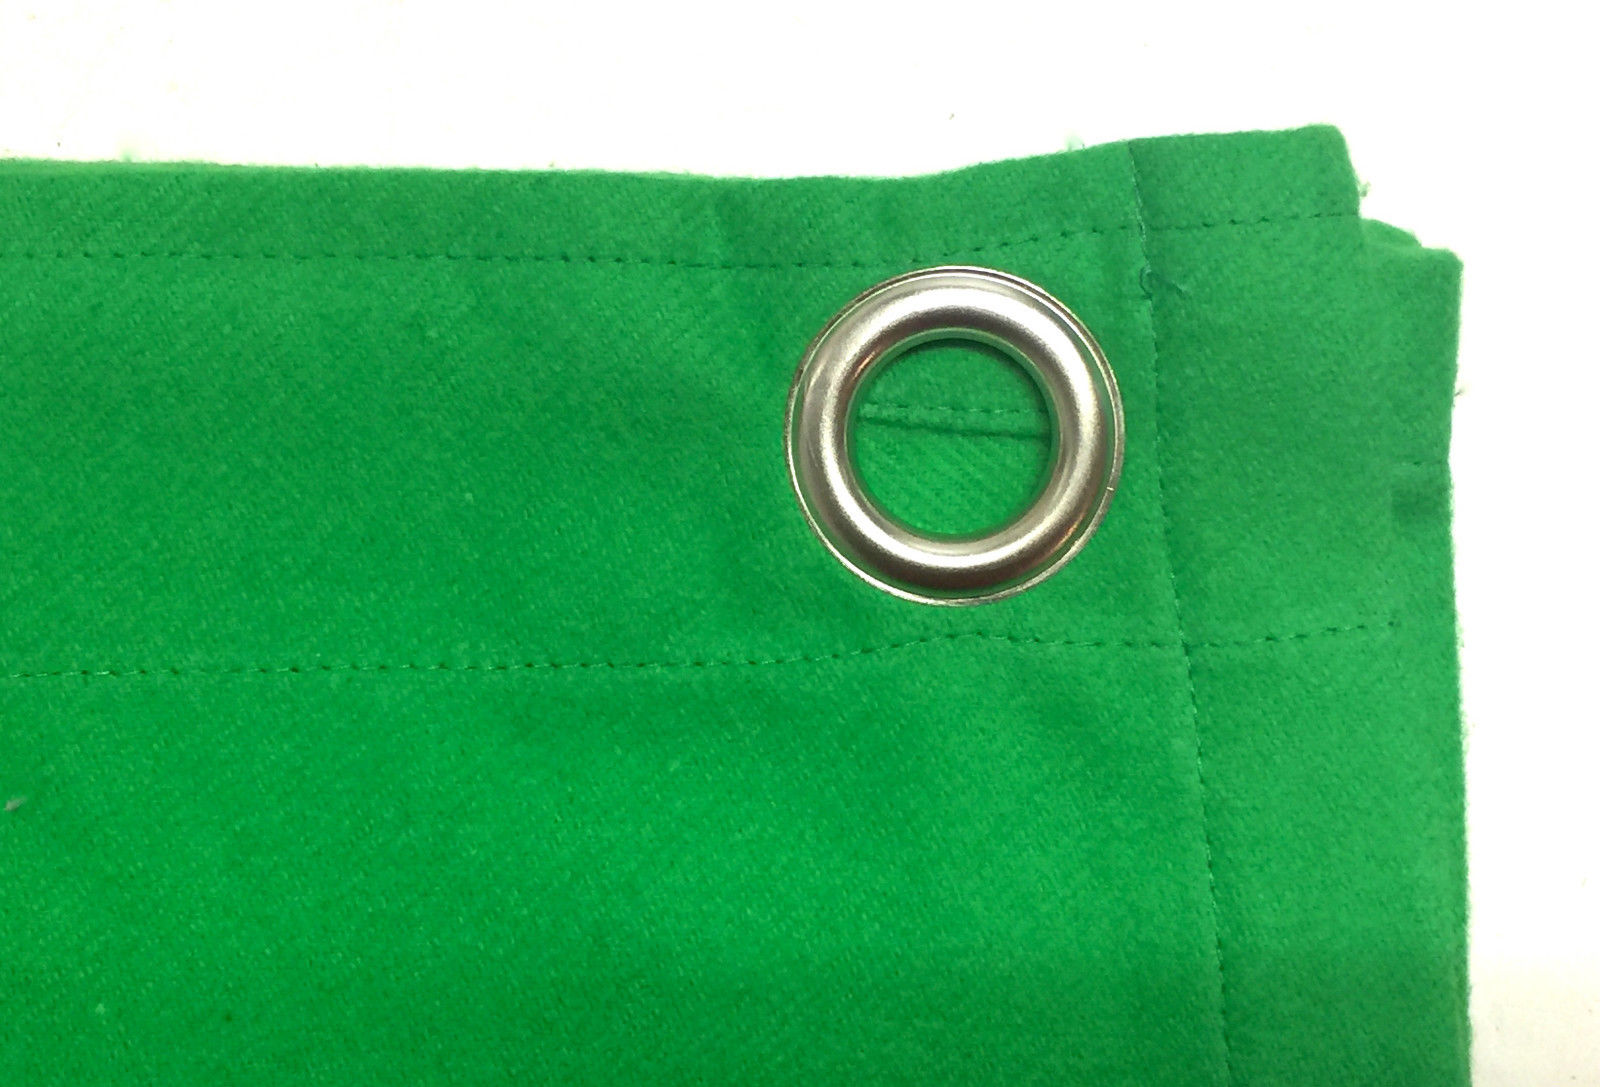 Fabriksnye Molton Green Screen Tæppe med øjer → Køb online HER OB-17